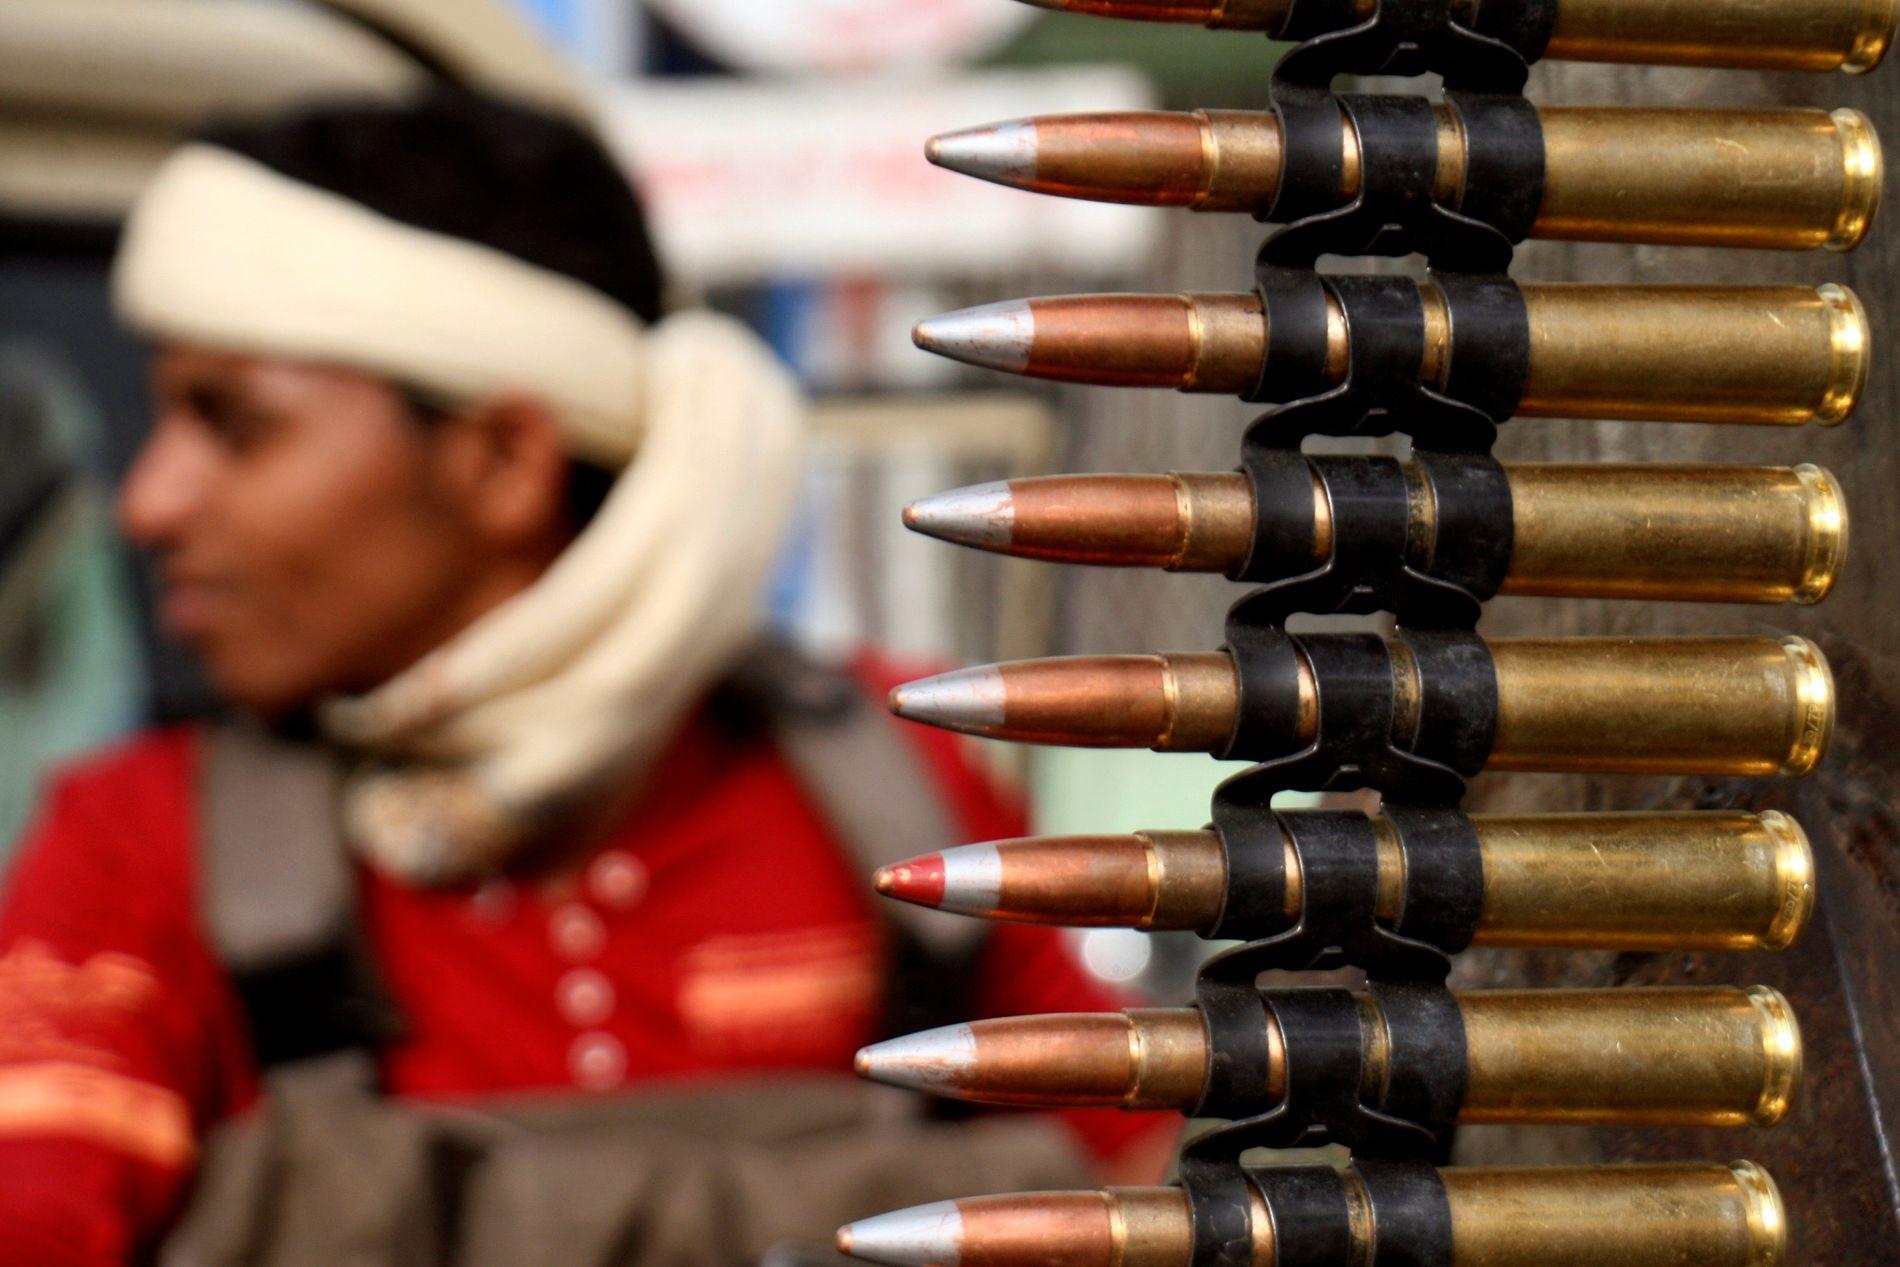 DØDELIGE KAMPER: En kriger støttet av koalisjonen som Emiratene er endel av sitter på et lasteplan med et påmontert våpen i Taiz, sør i Jemen, i juni.